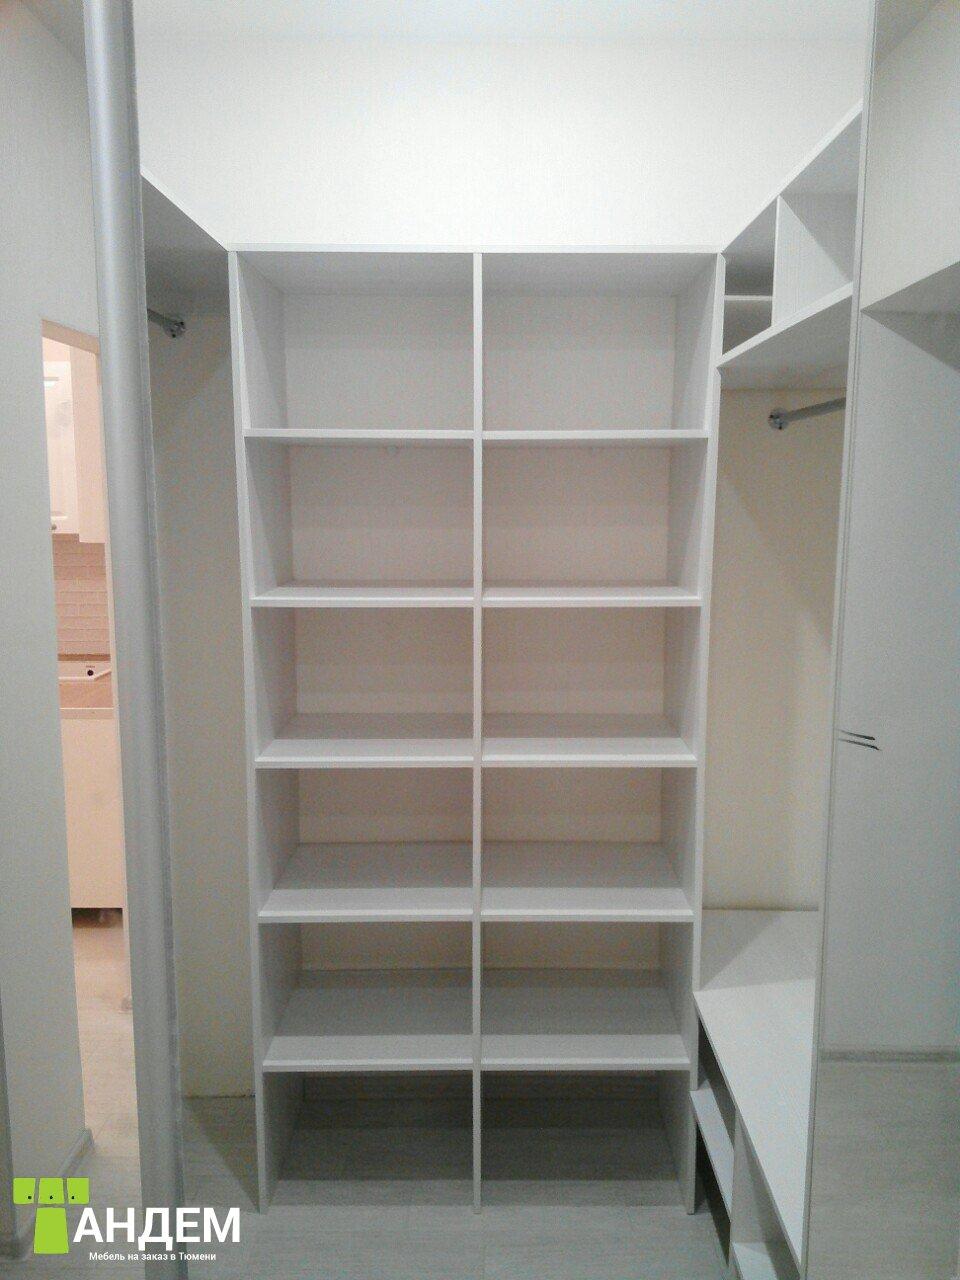 Тандем - мебель на заказ, изготовление мебели по индивидуаль.